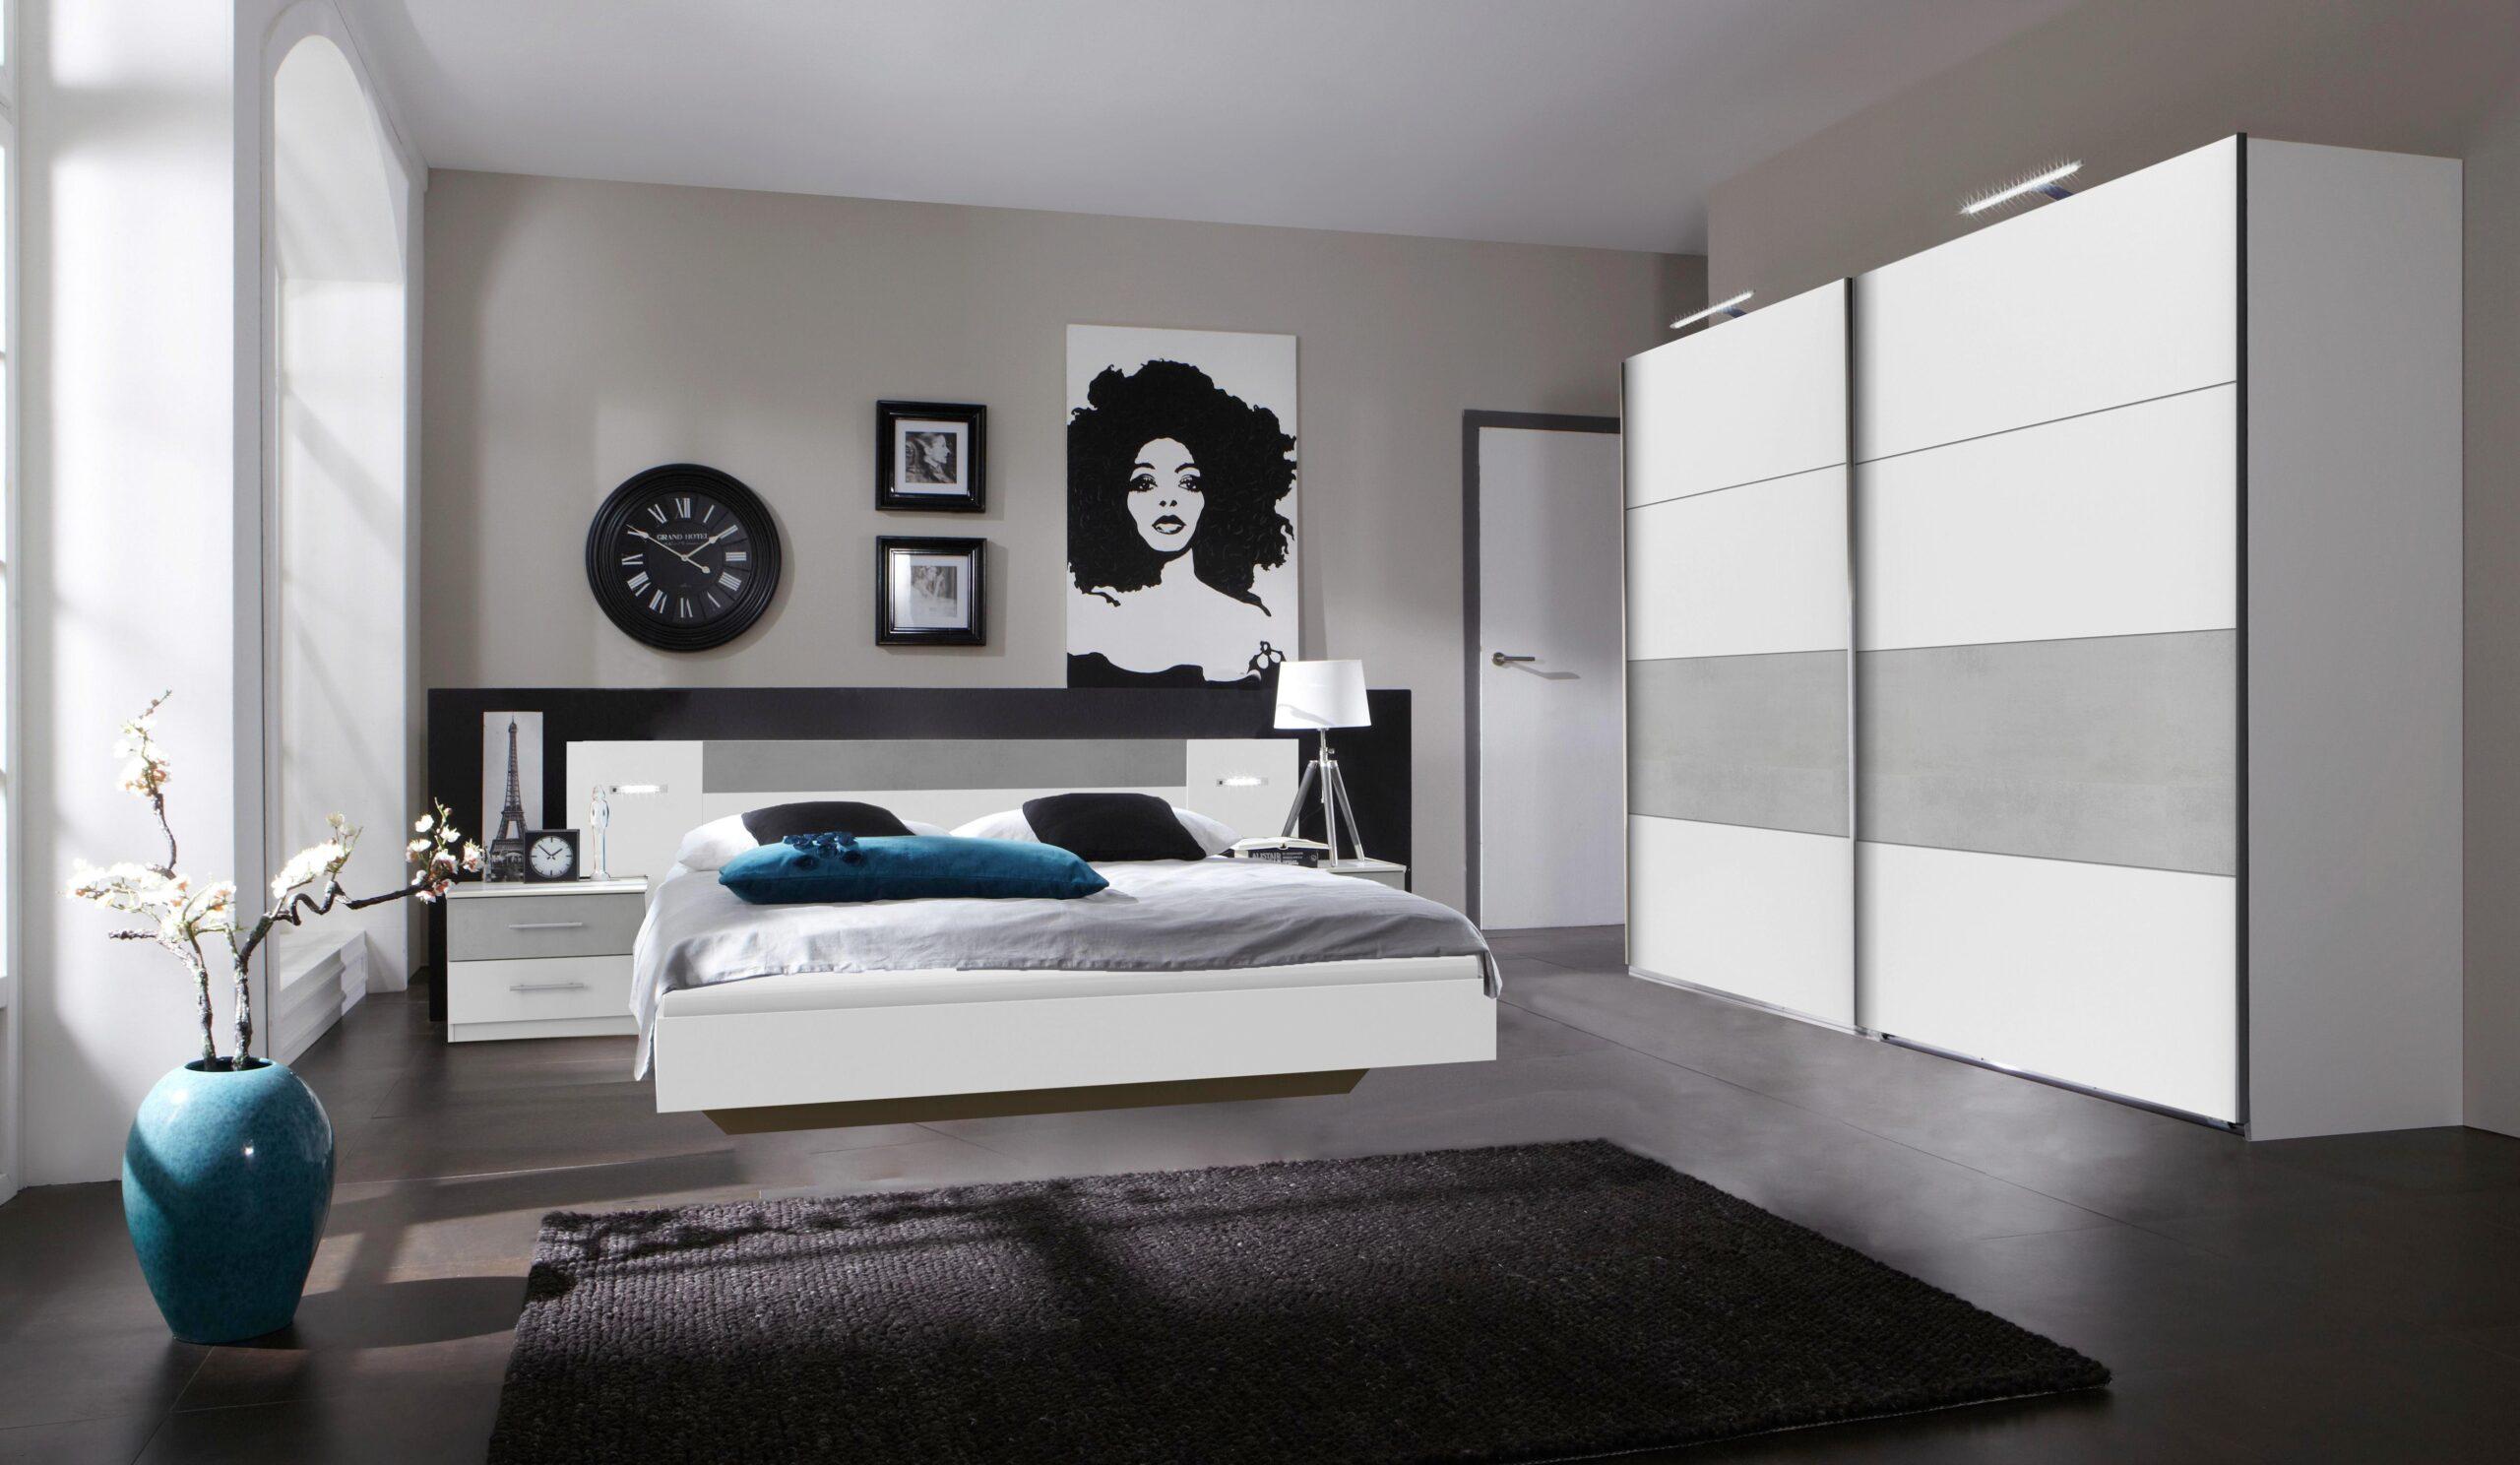 Full Size of überbau Schlafzimmer Modern Komplette Gnstig Online Finden Mbelix Günstige Komplett Rauch Moderne Bilder Fürs Wohnzimmer Tapete Küche Set Mit Matratze Und Wohnzimmer überbau Schlafzimmer Modern